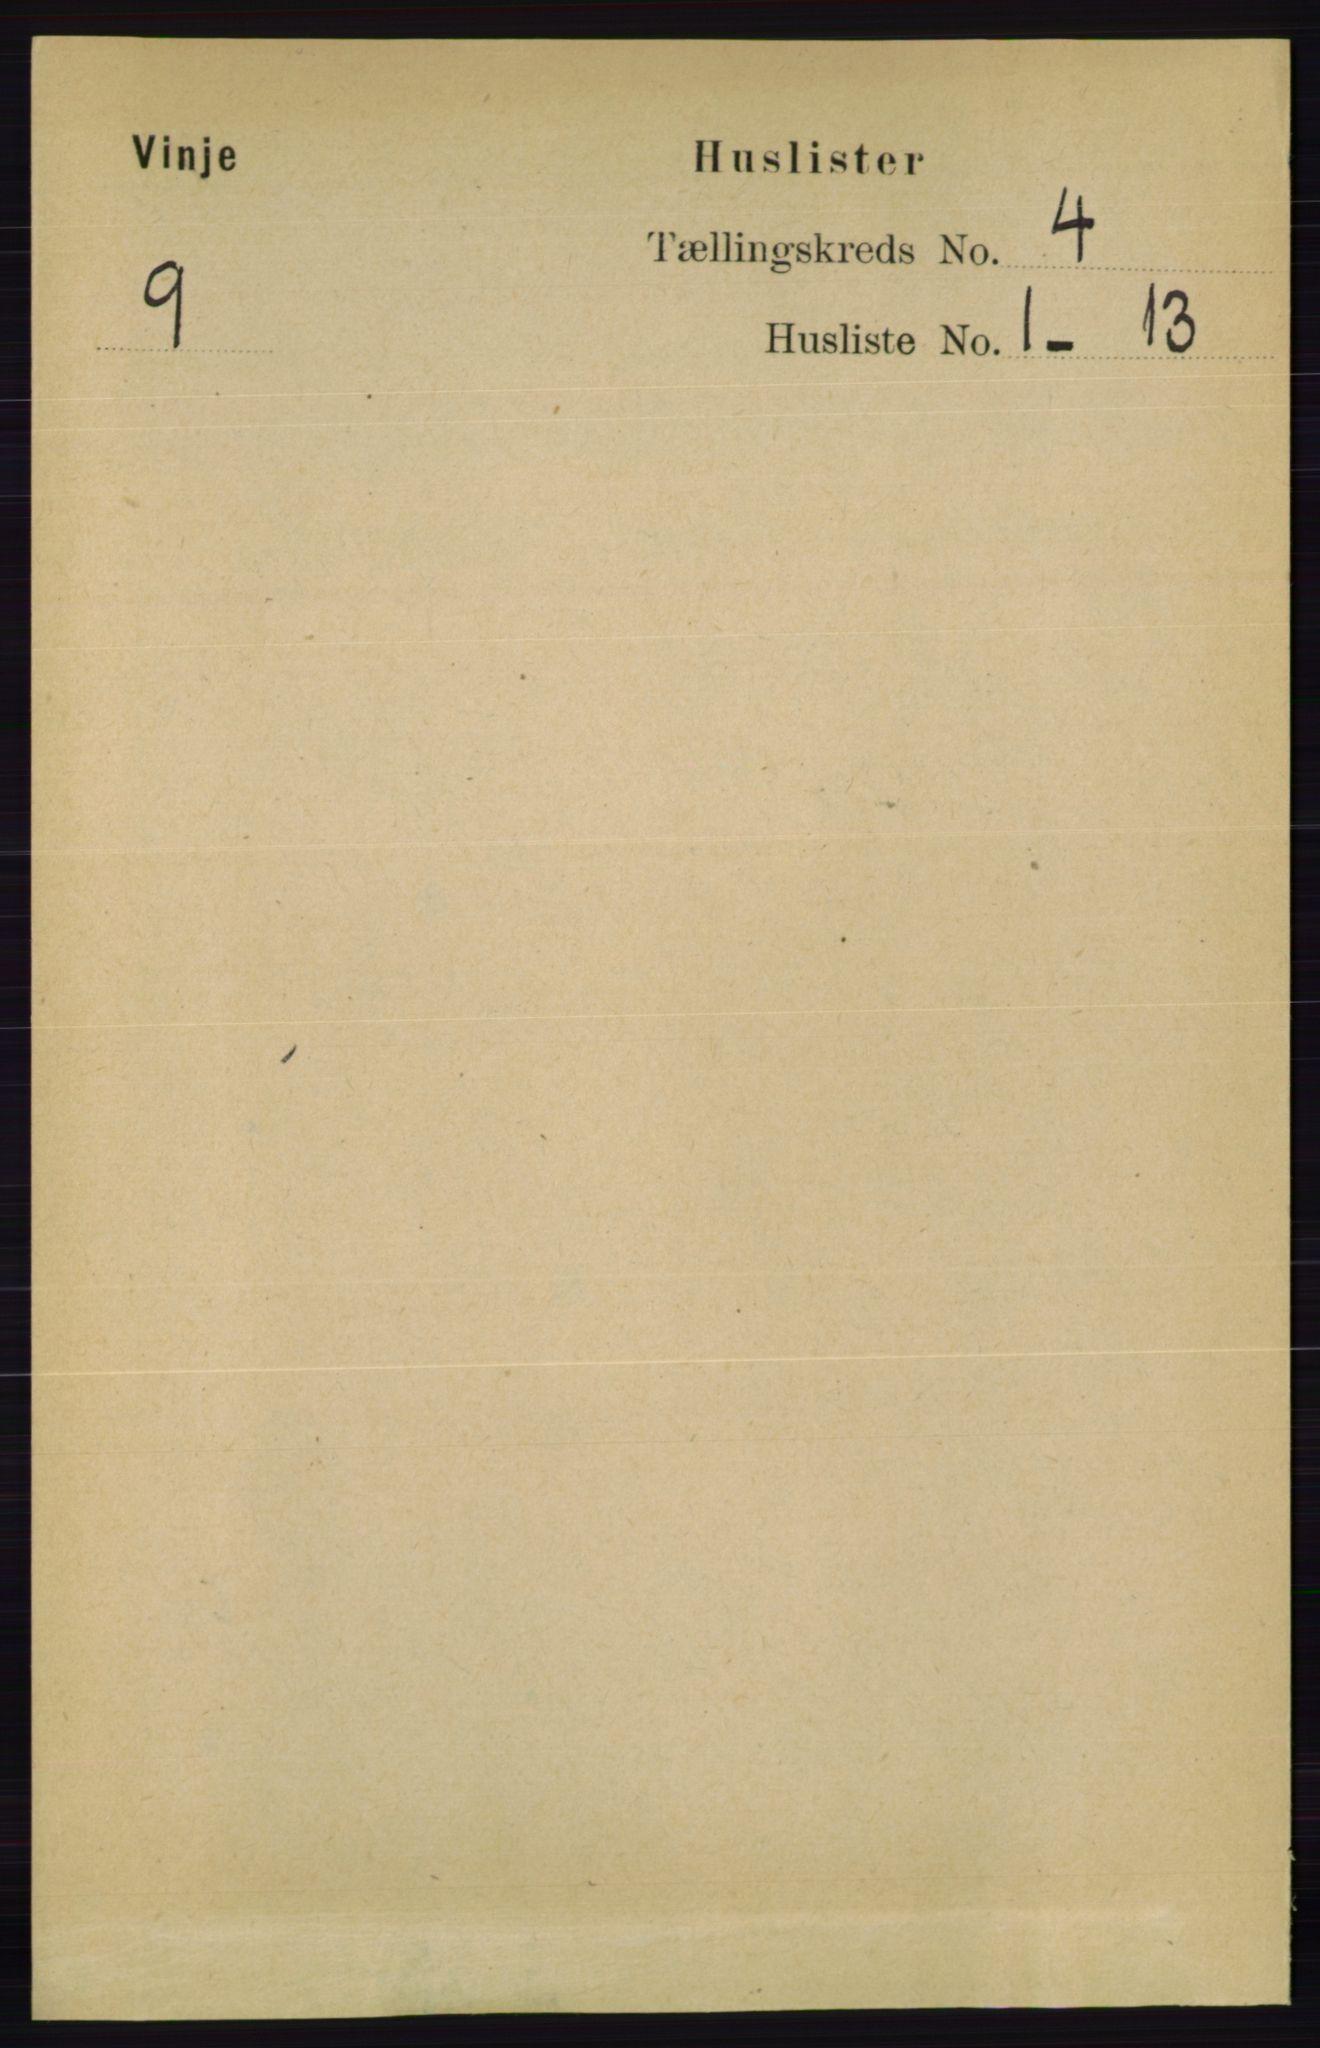 RA, Folketelling 1891 for 0834 Vinje herred, 1891, s. 905